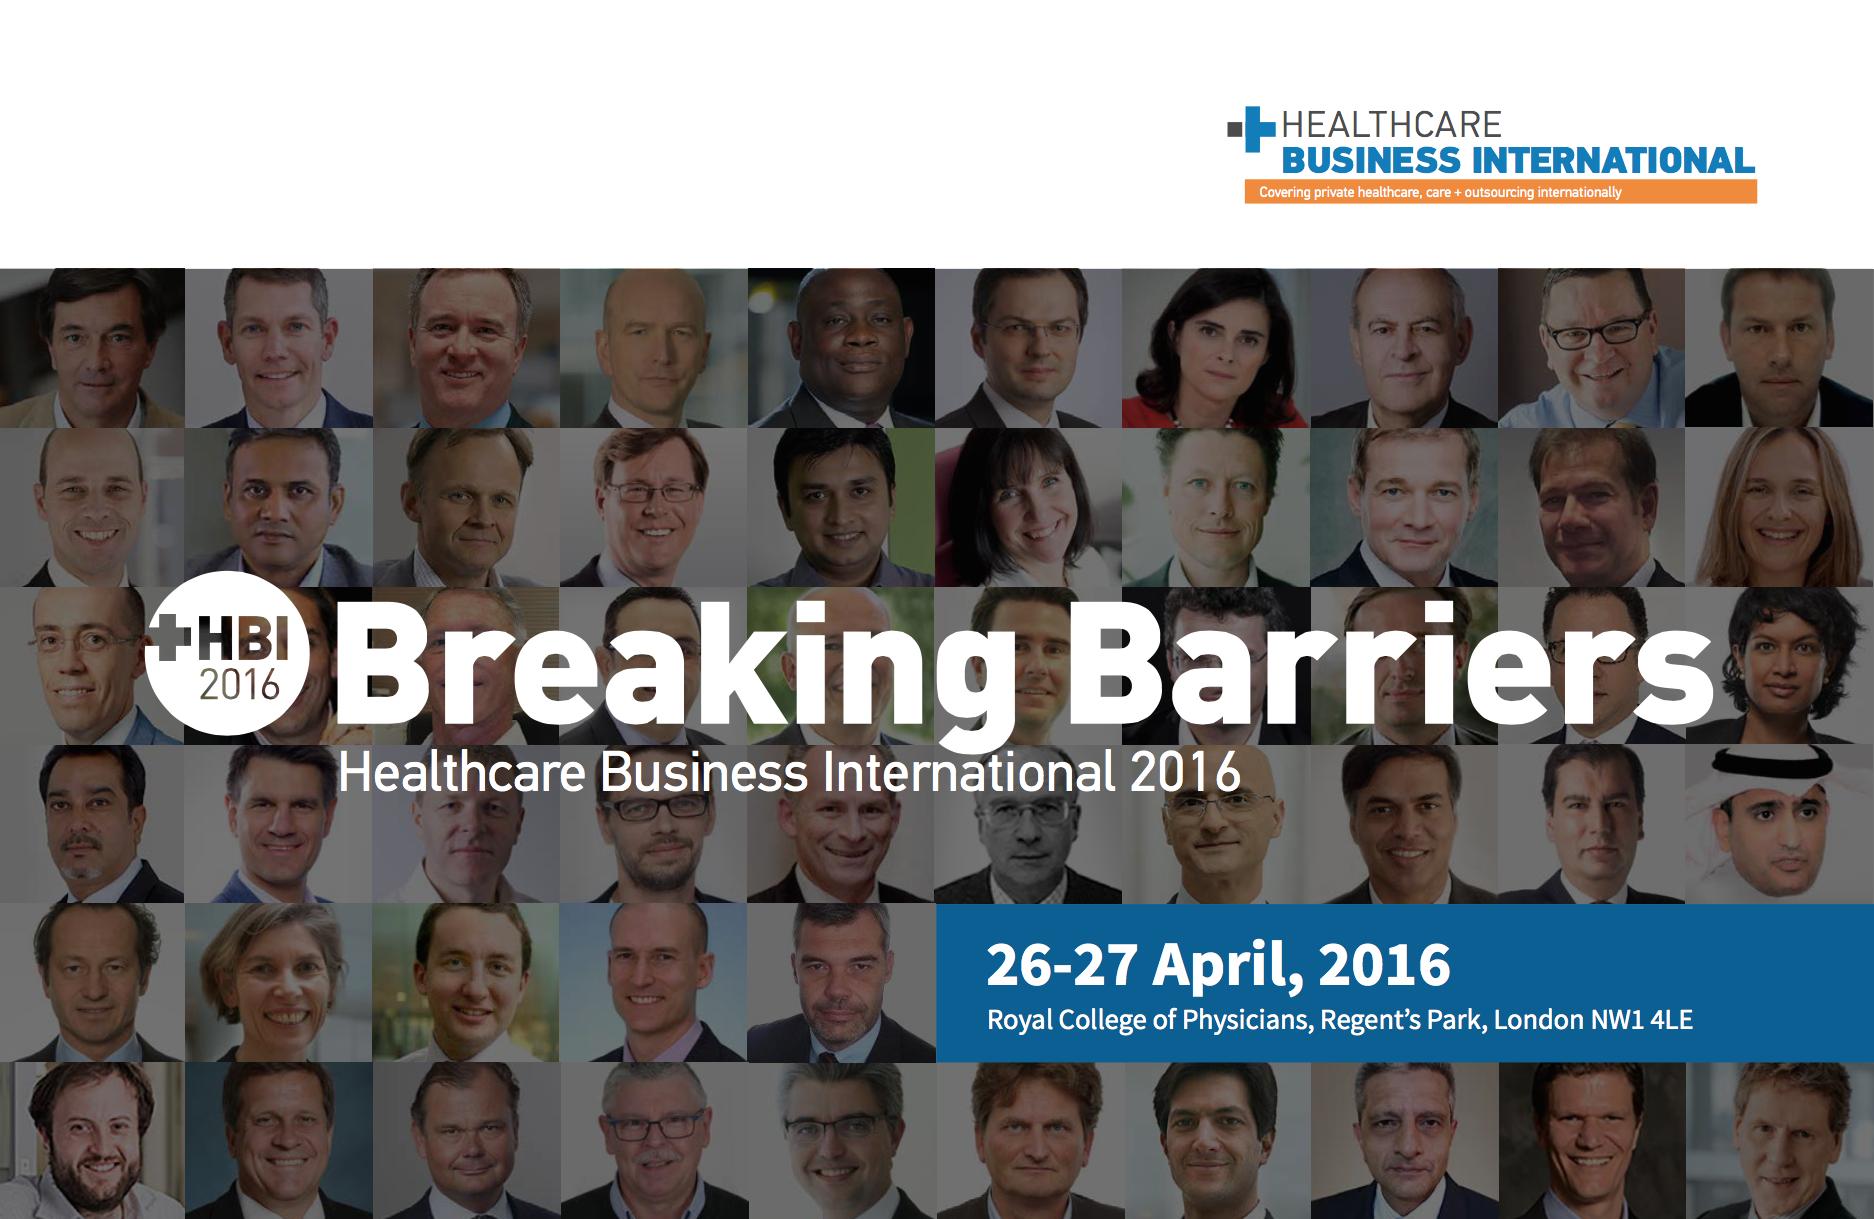 Elmar-Willebrand-Healthcare-Business-International-Vortrag-AccuMeda